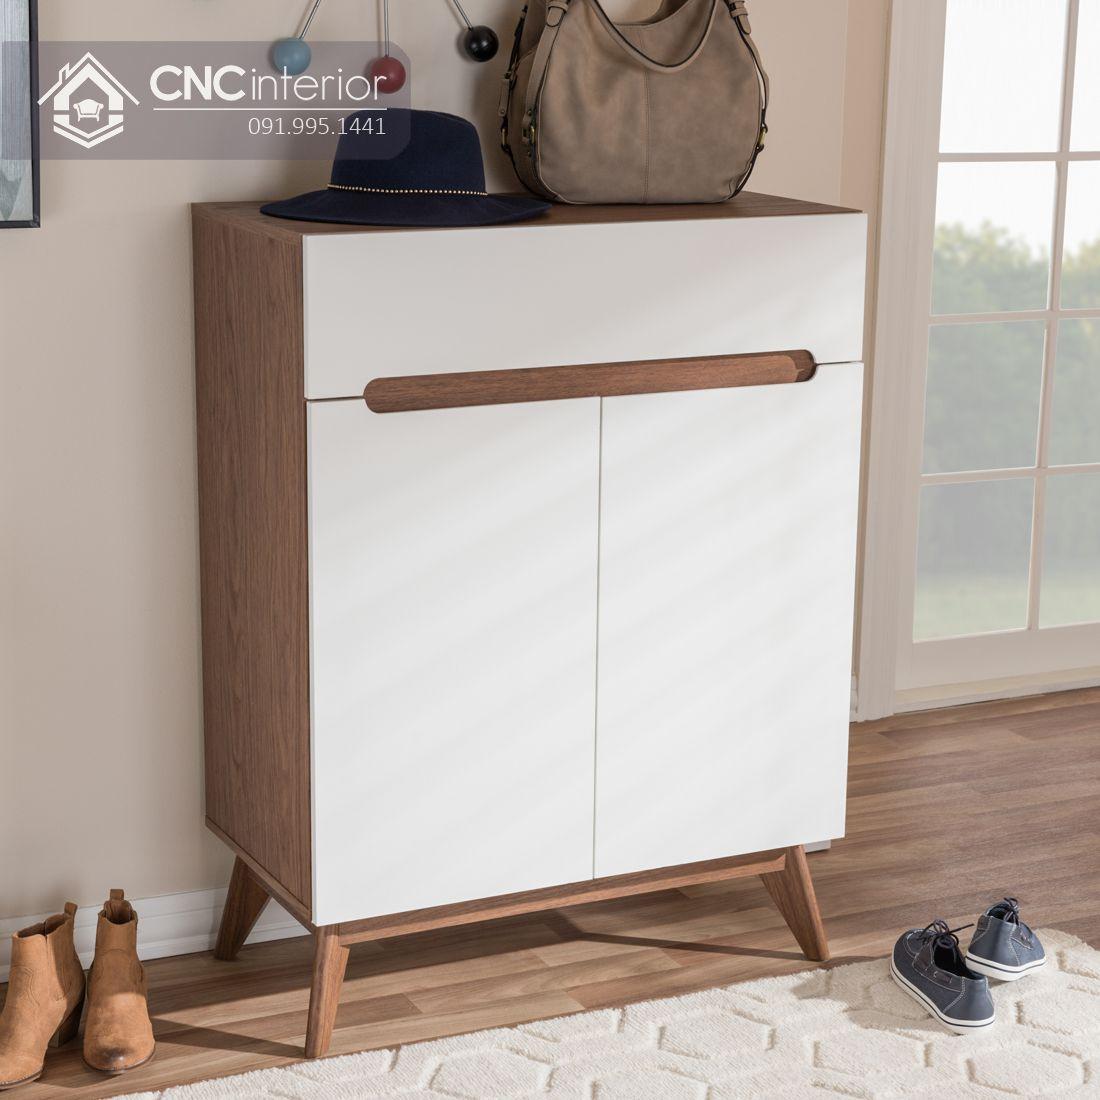 Tủ giày gỗ cao 1m2 đảm bảo tiện nghi CNC 05 3